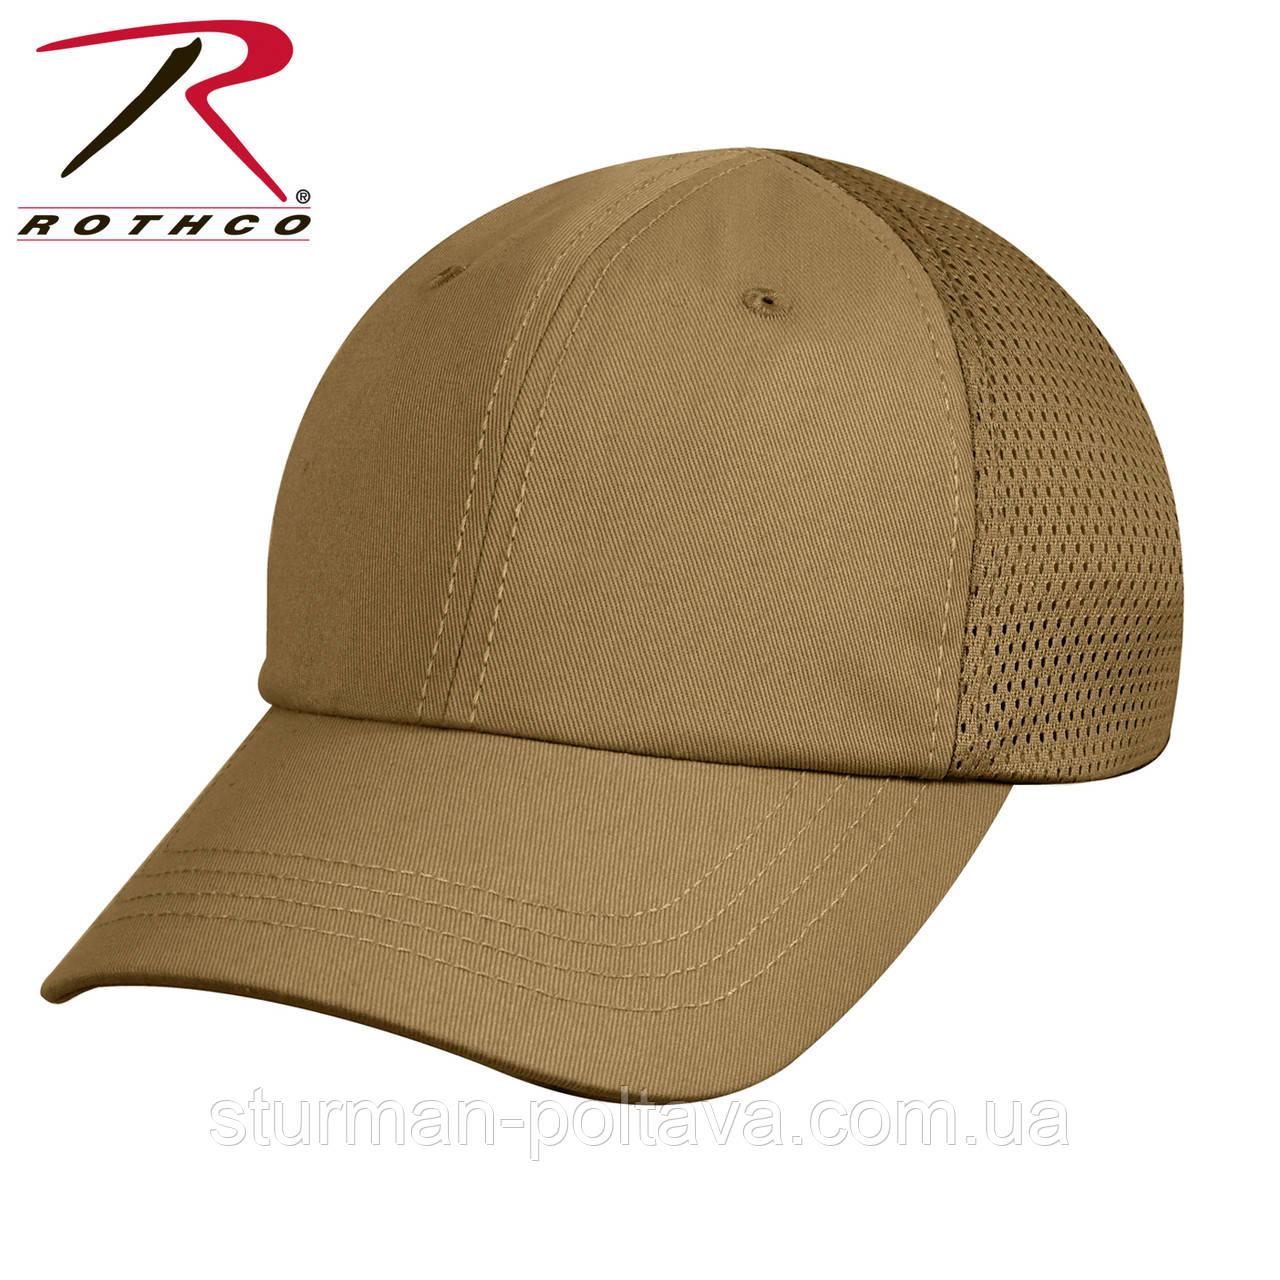 Бейсболка  мужская тактическая с вентилляционной   сеткой Mesh Back Tactical Cap  койот Rotcho USA